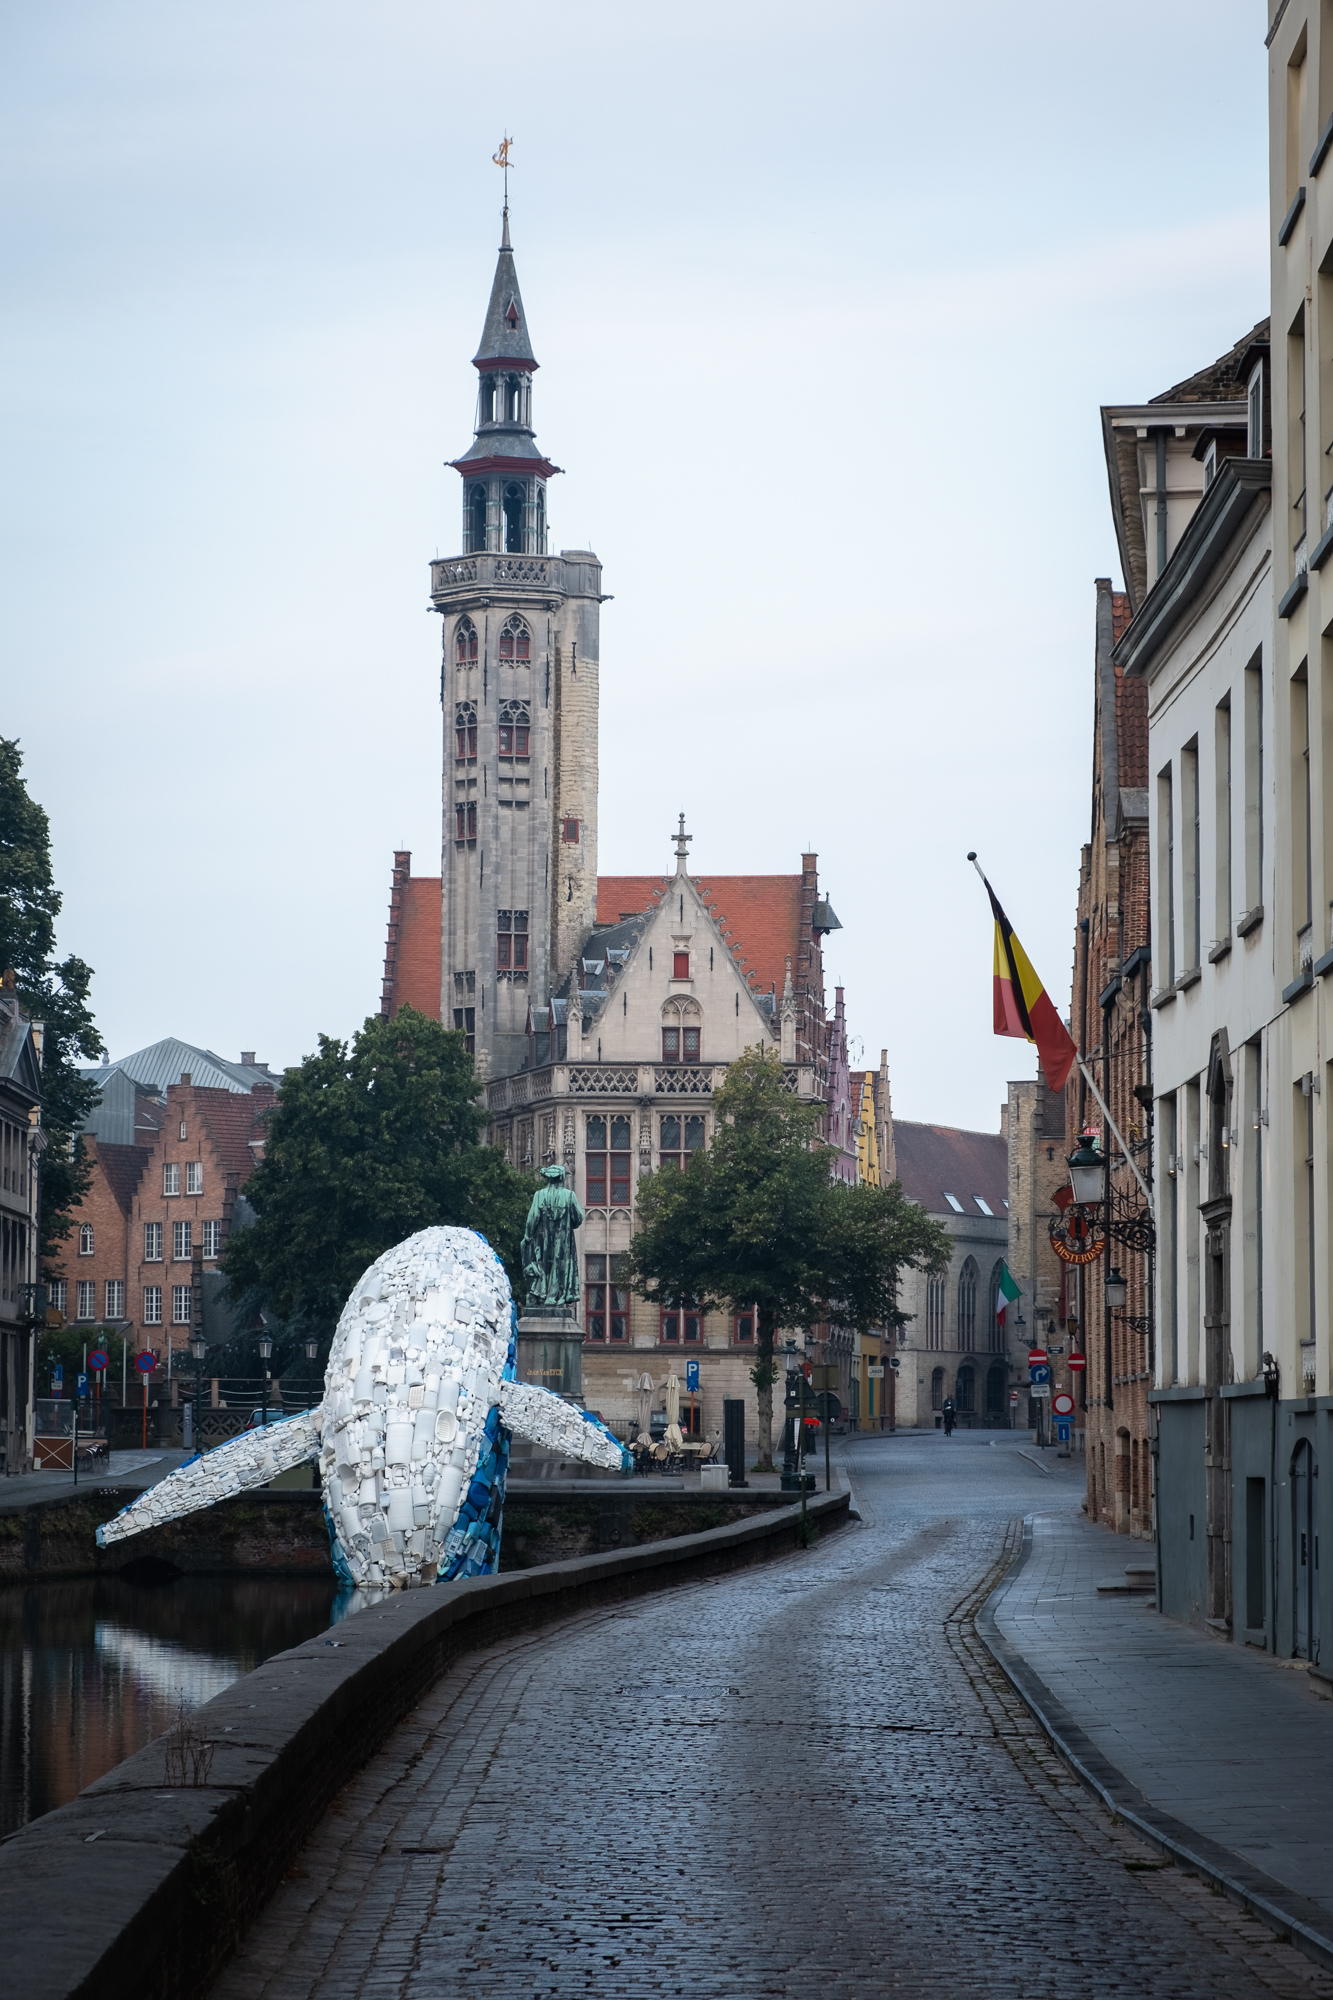 Poortersloge at Sunrise, Bruges